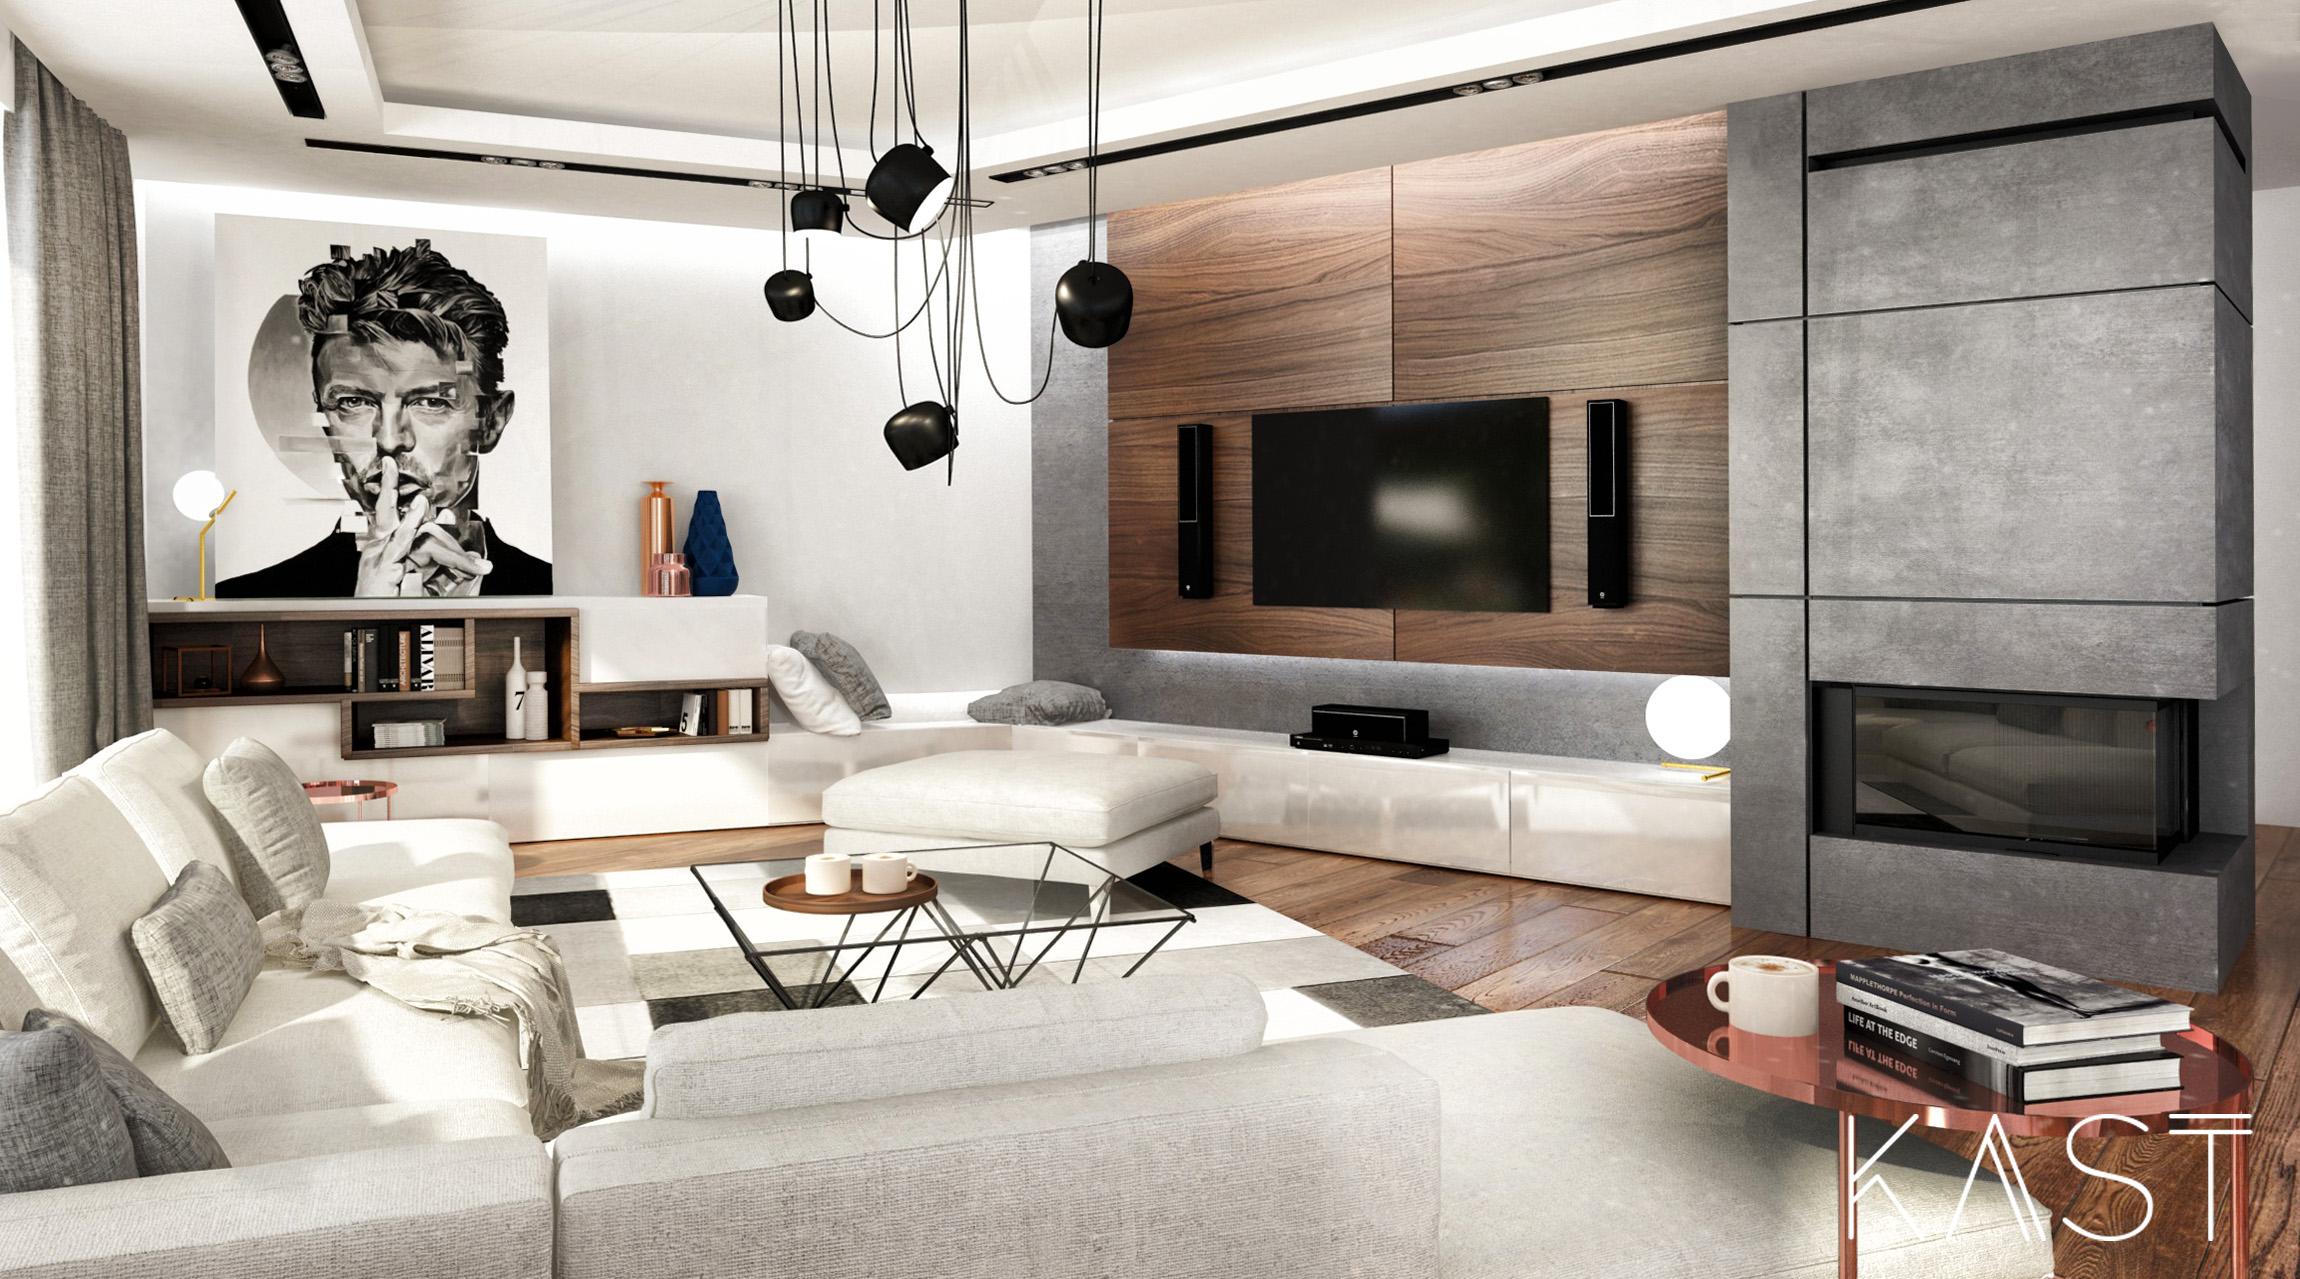 Maison bois béton à meudon kast design